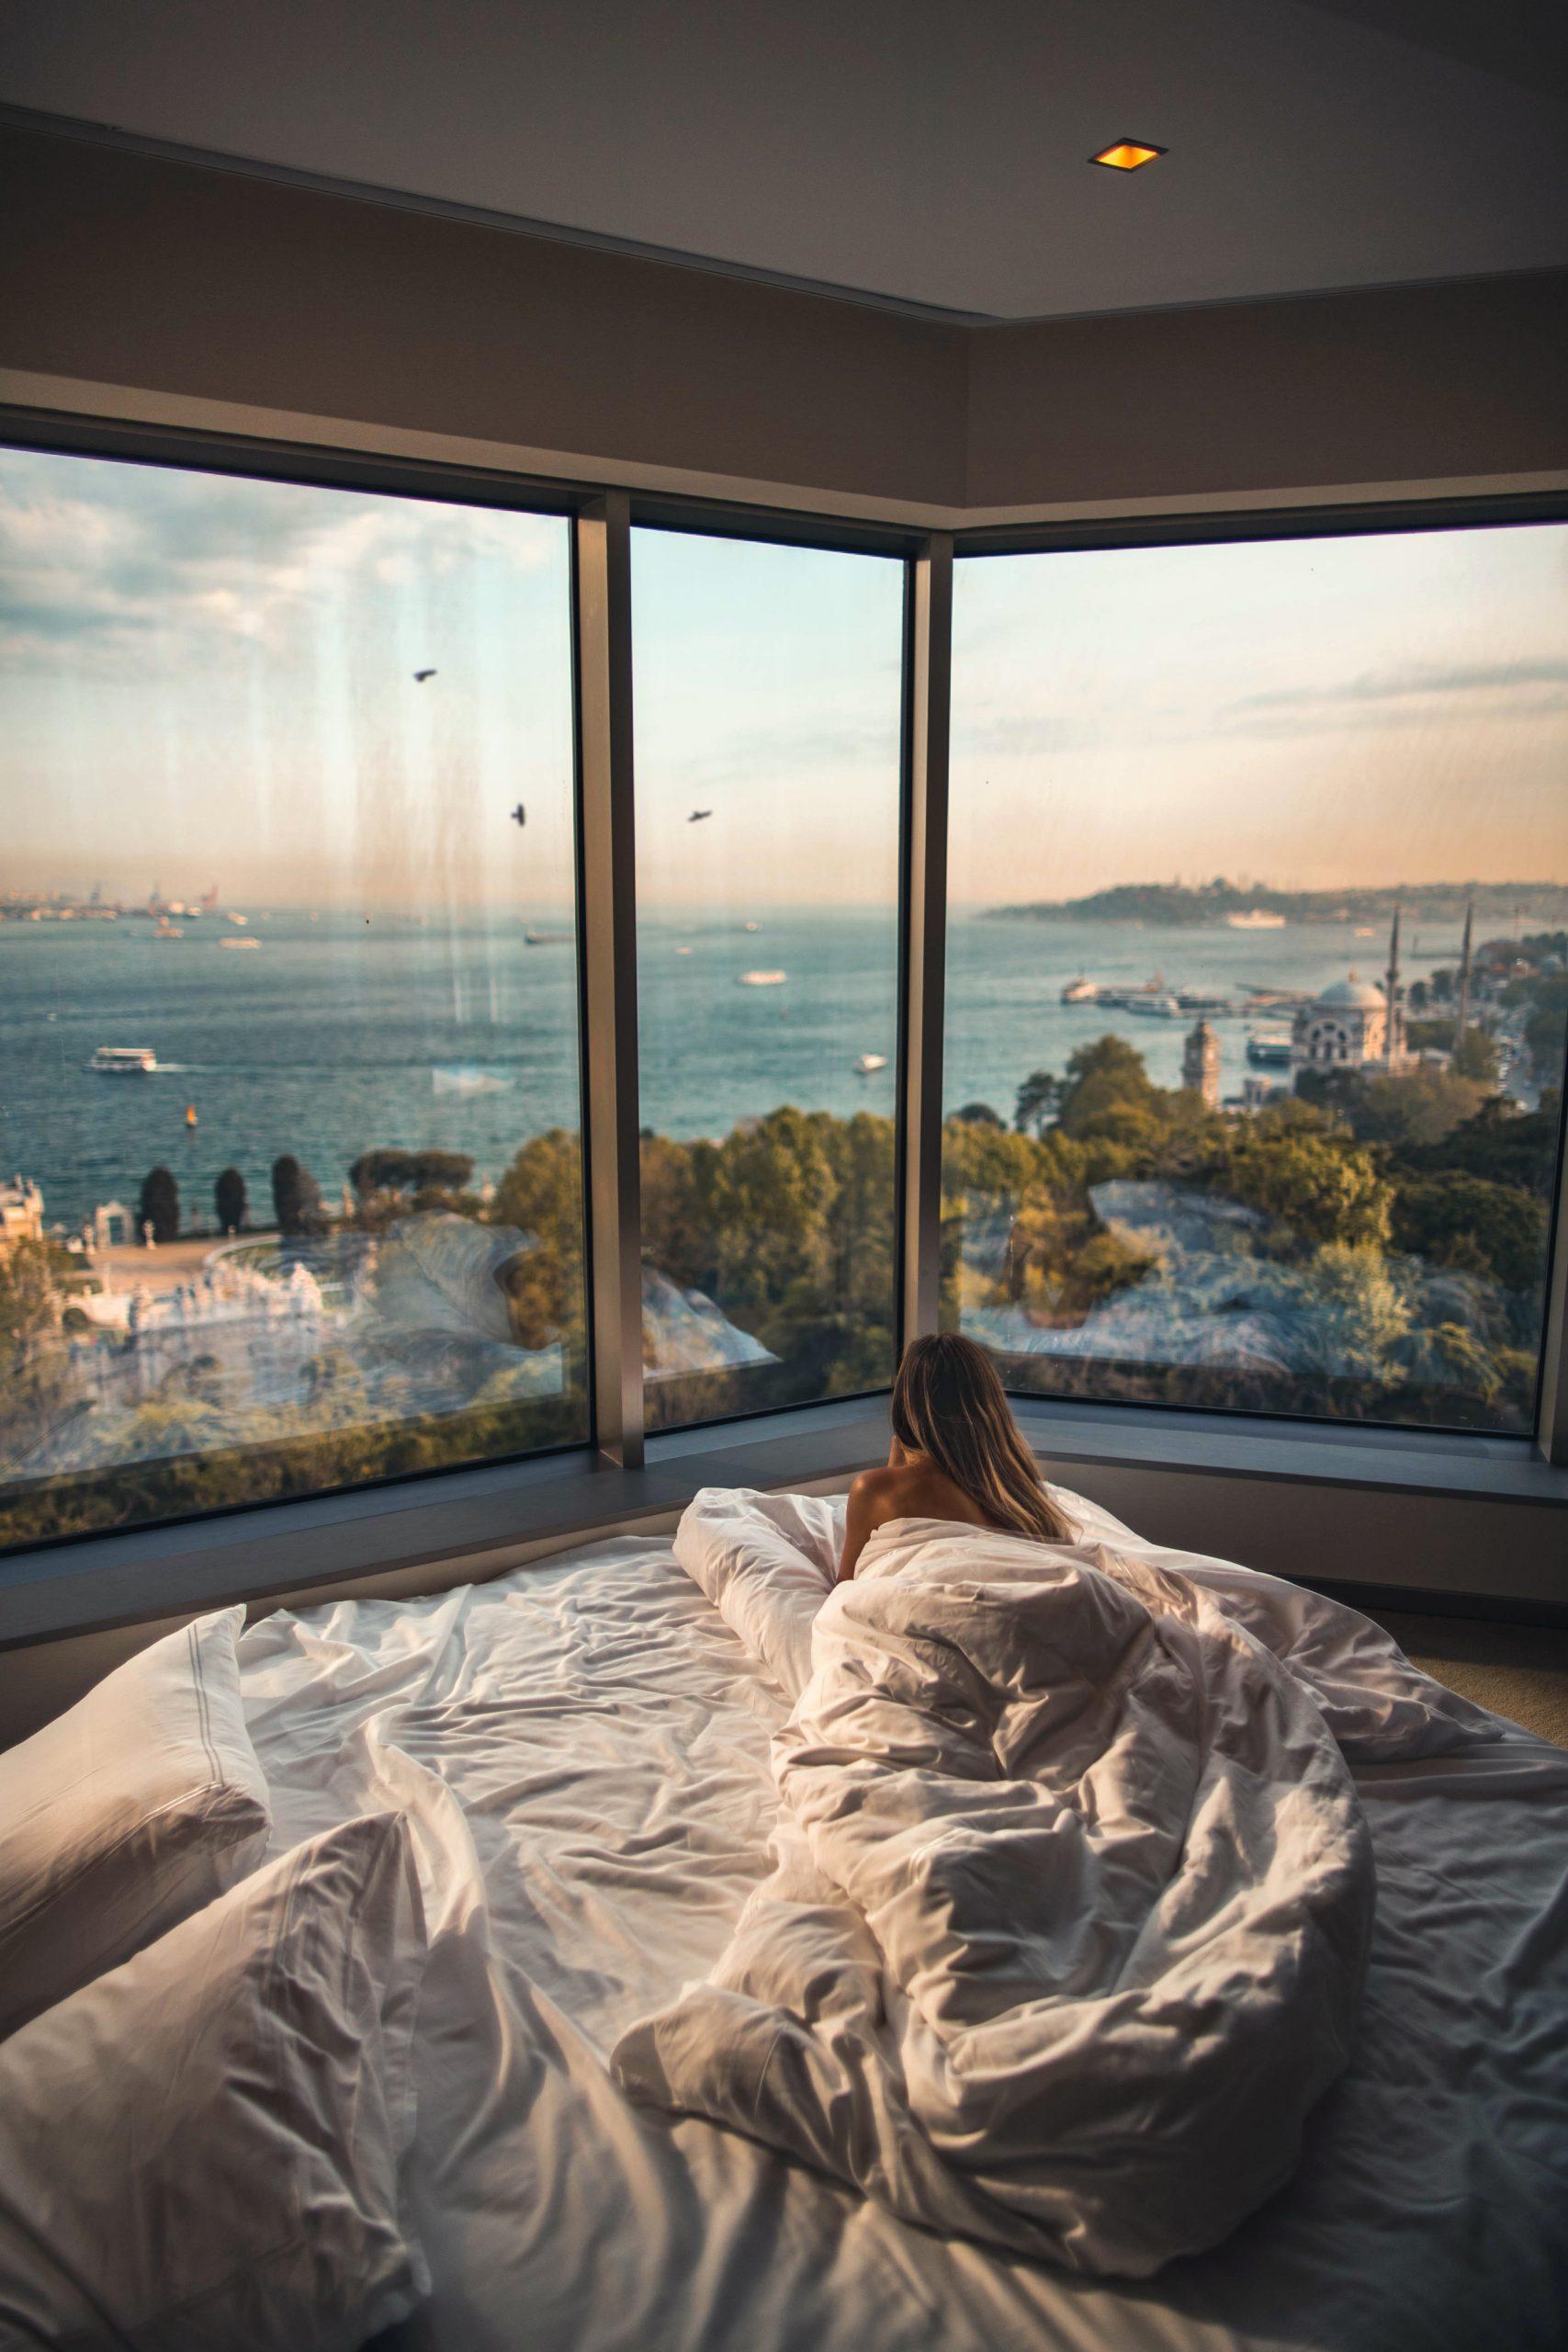 Piękny widok z okna w sypialni